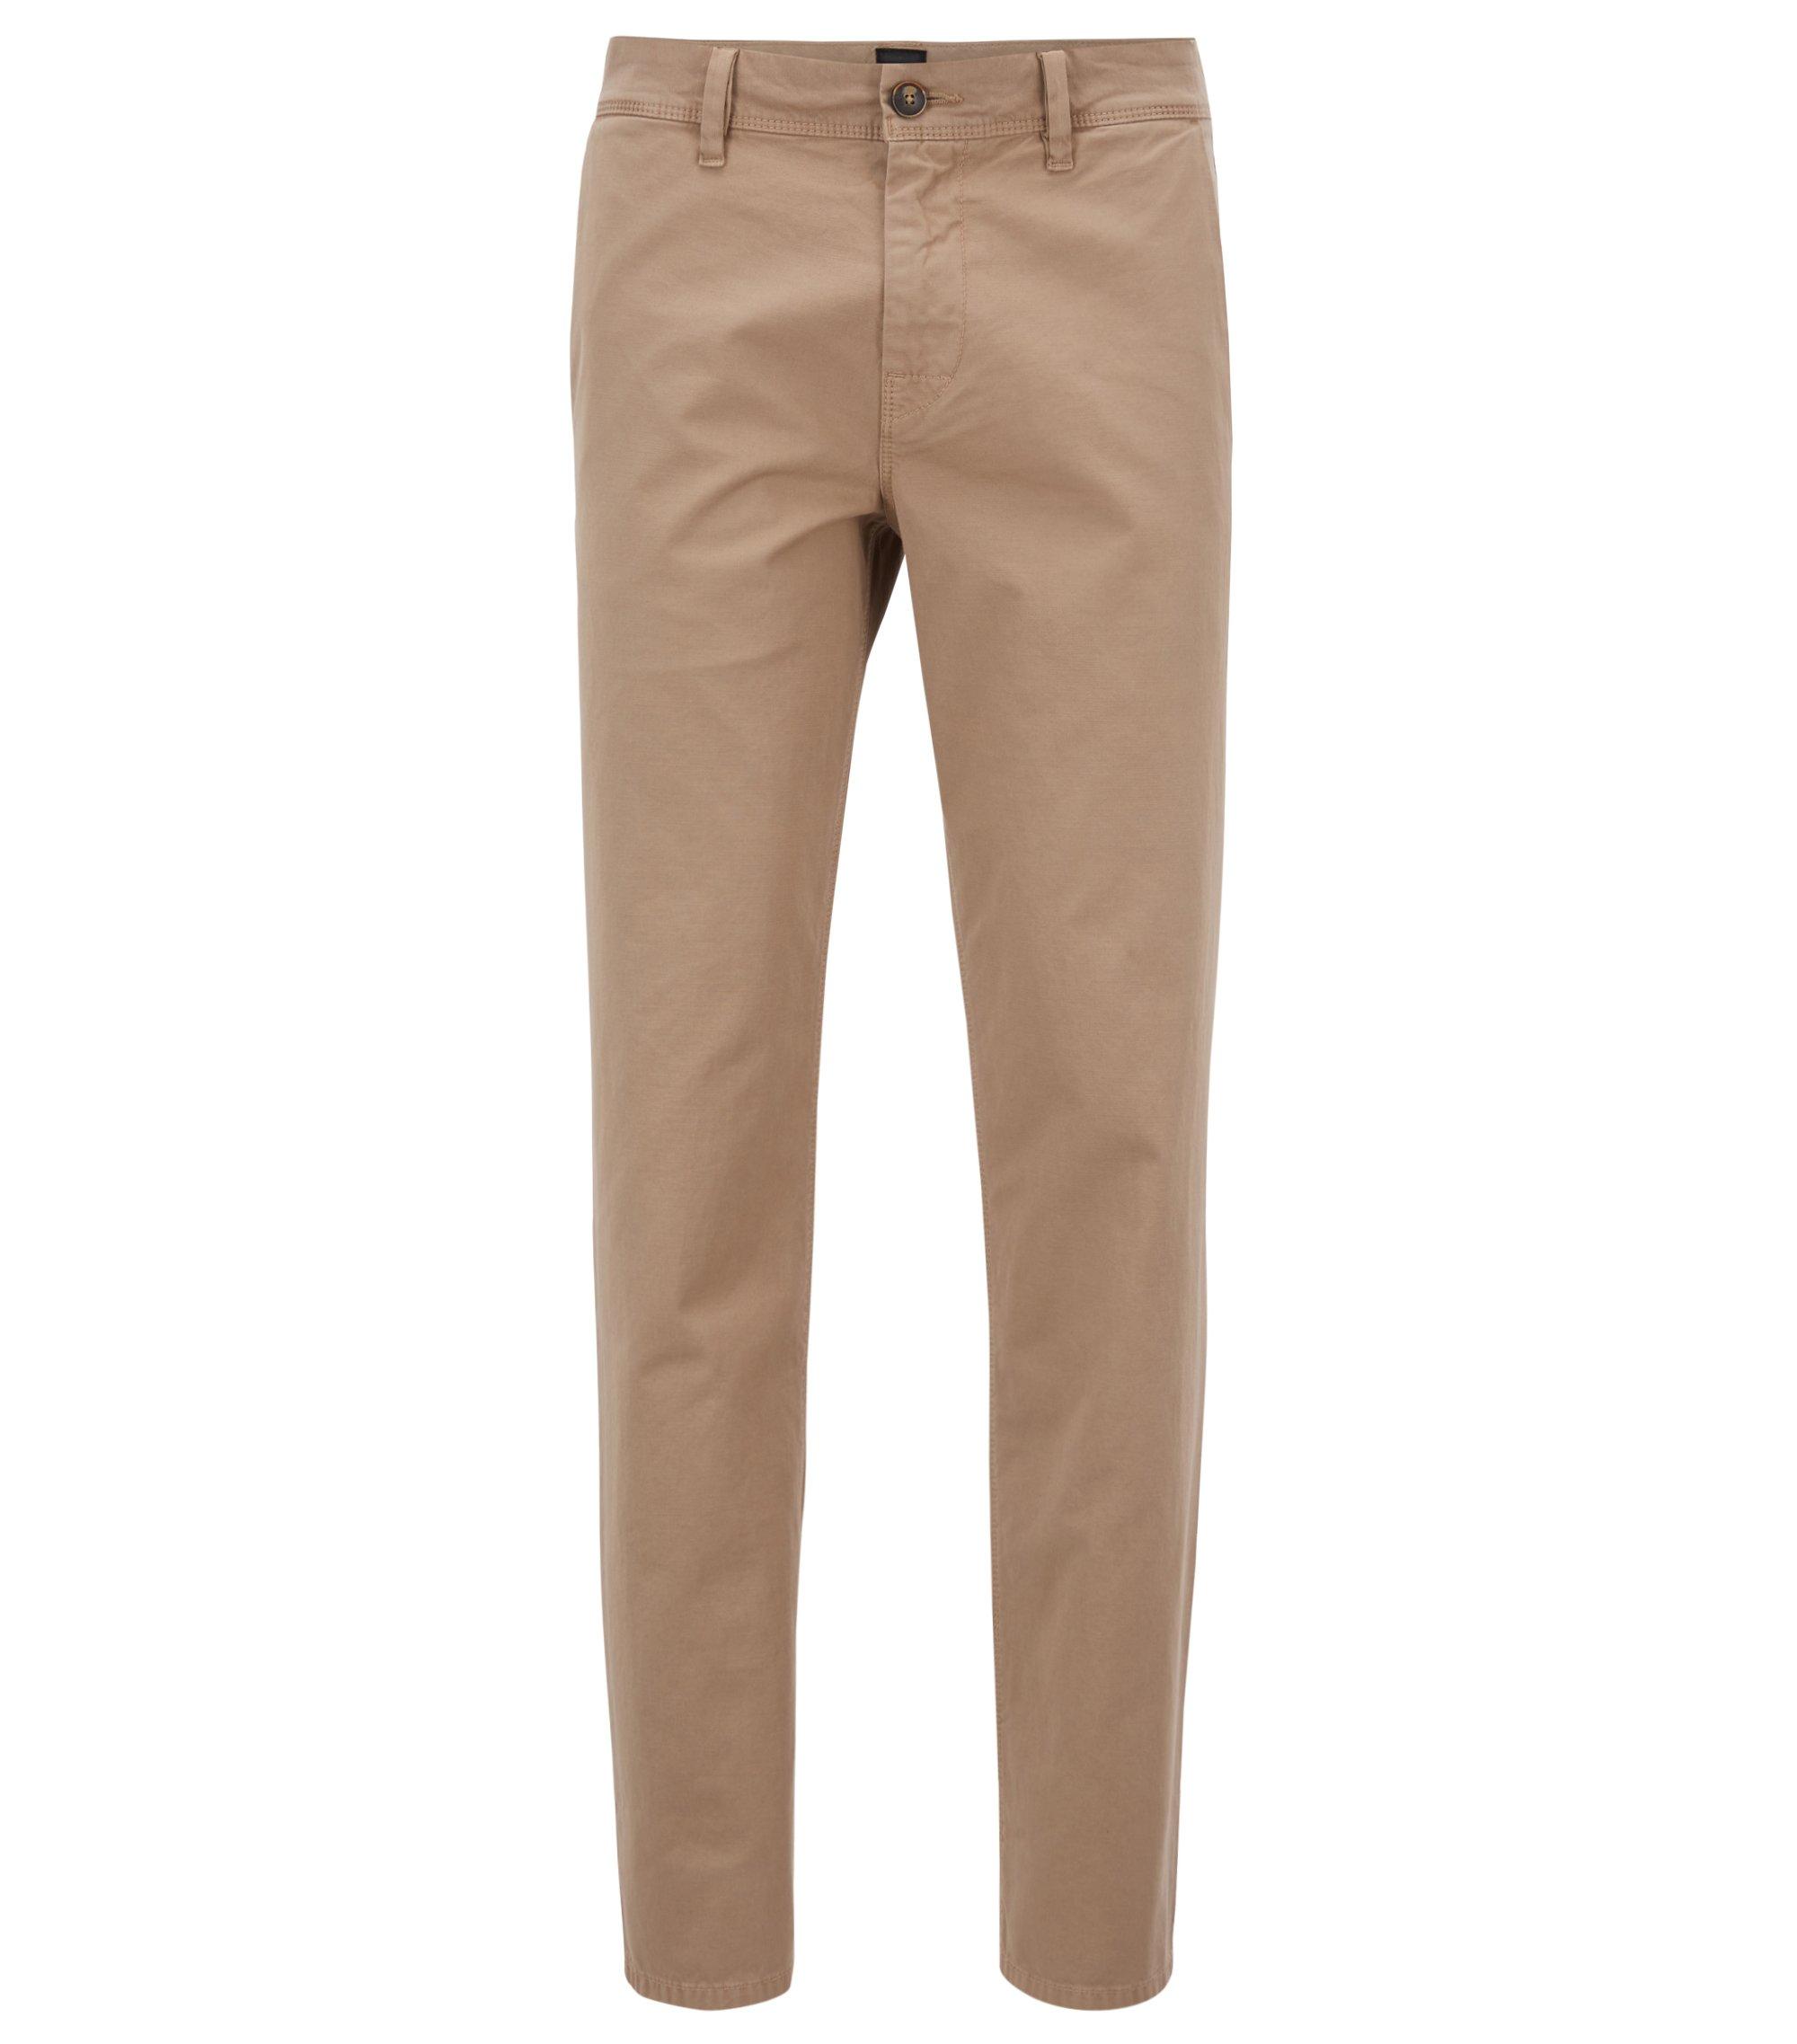 Pantaloni tapered fit in cotone con lavorazioni miste, Beige